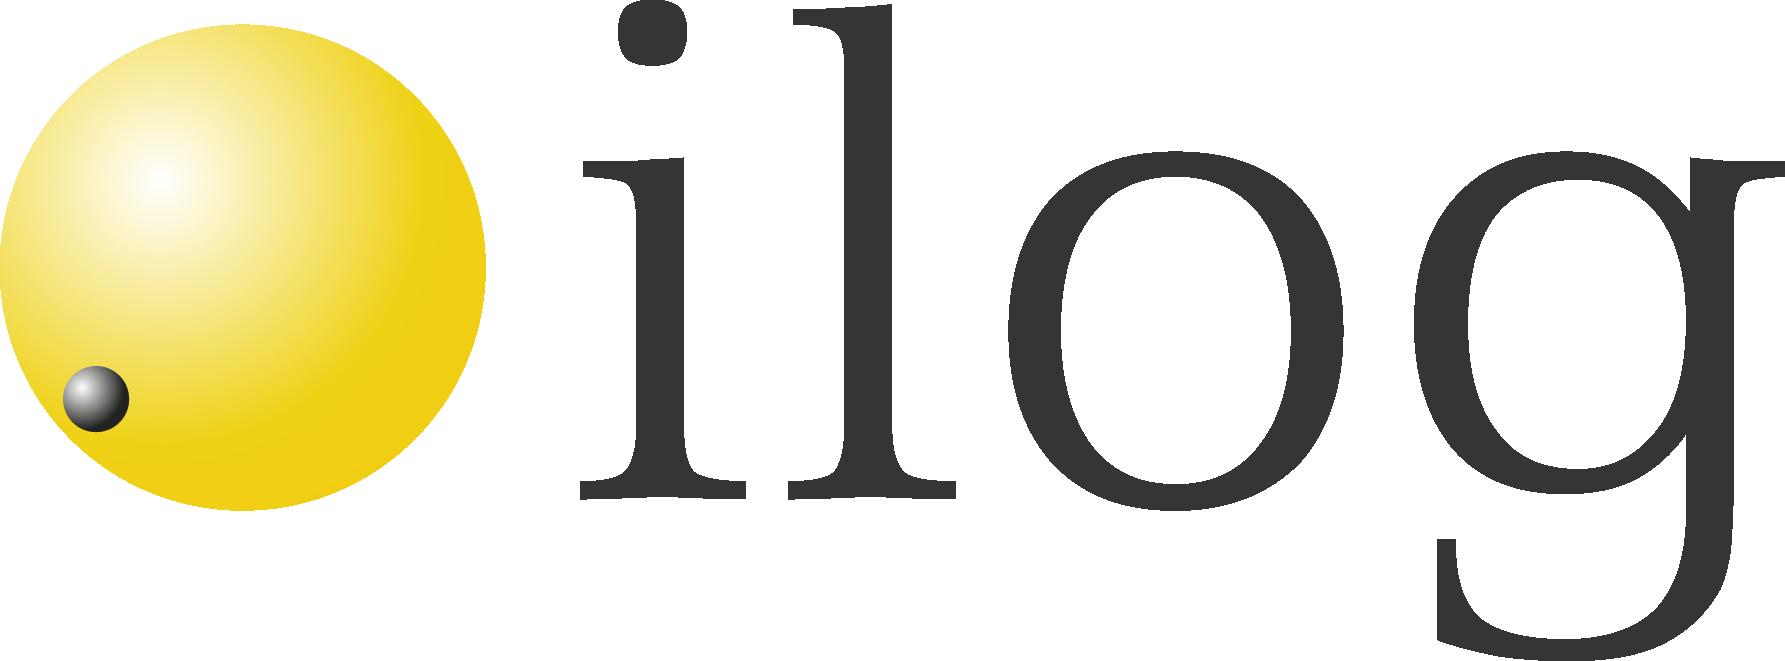 logo ilog-01.png